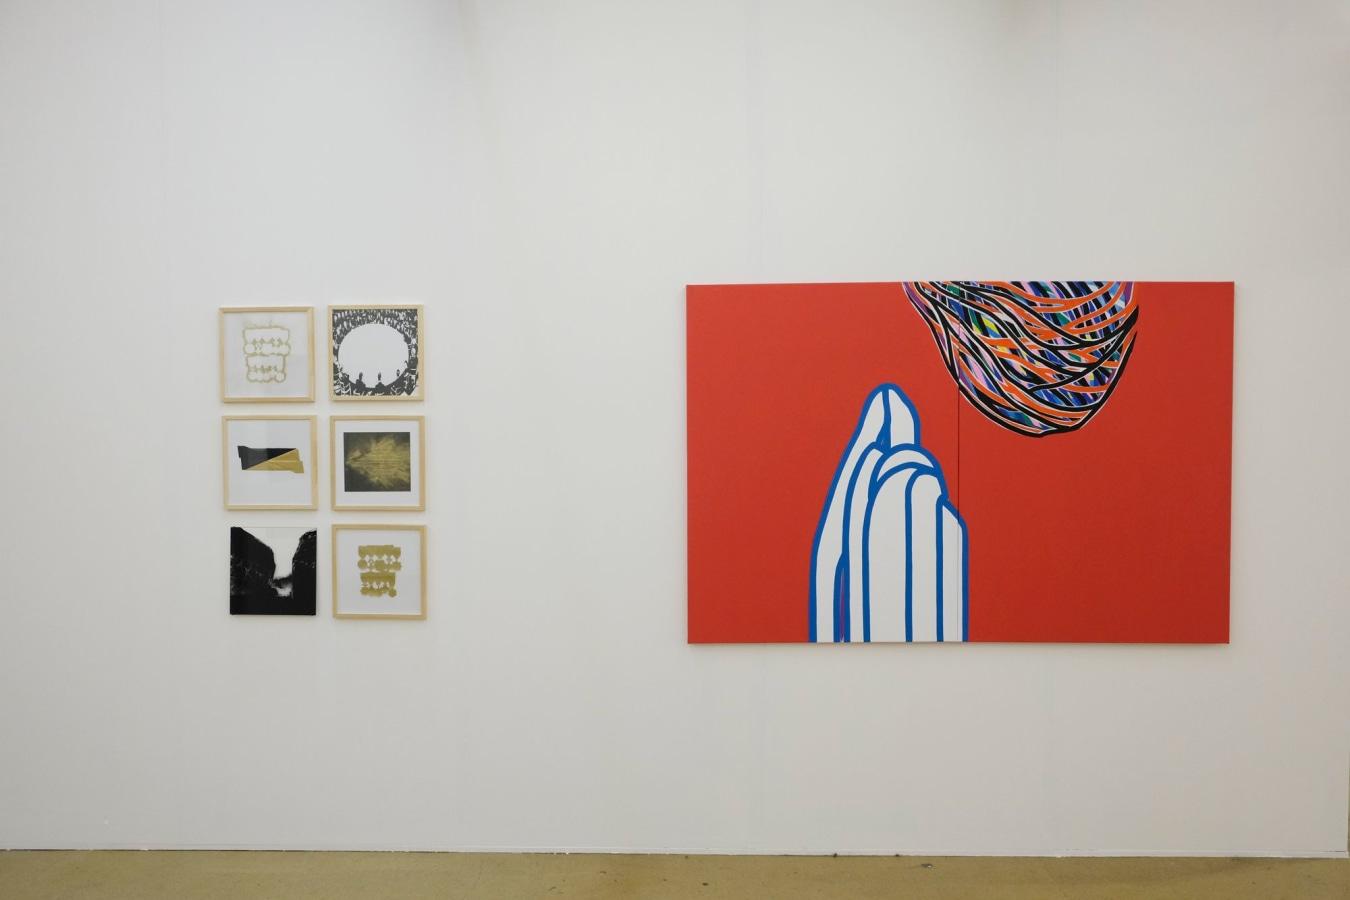 Art Rotterdam 2019, Frédéric Coché, Dominique Dehais, Laurent Fiévet, Natasja van Kampen, Soo-Kyoung Lee, Jérôme Touron,